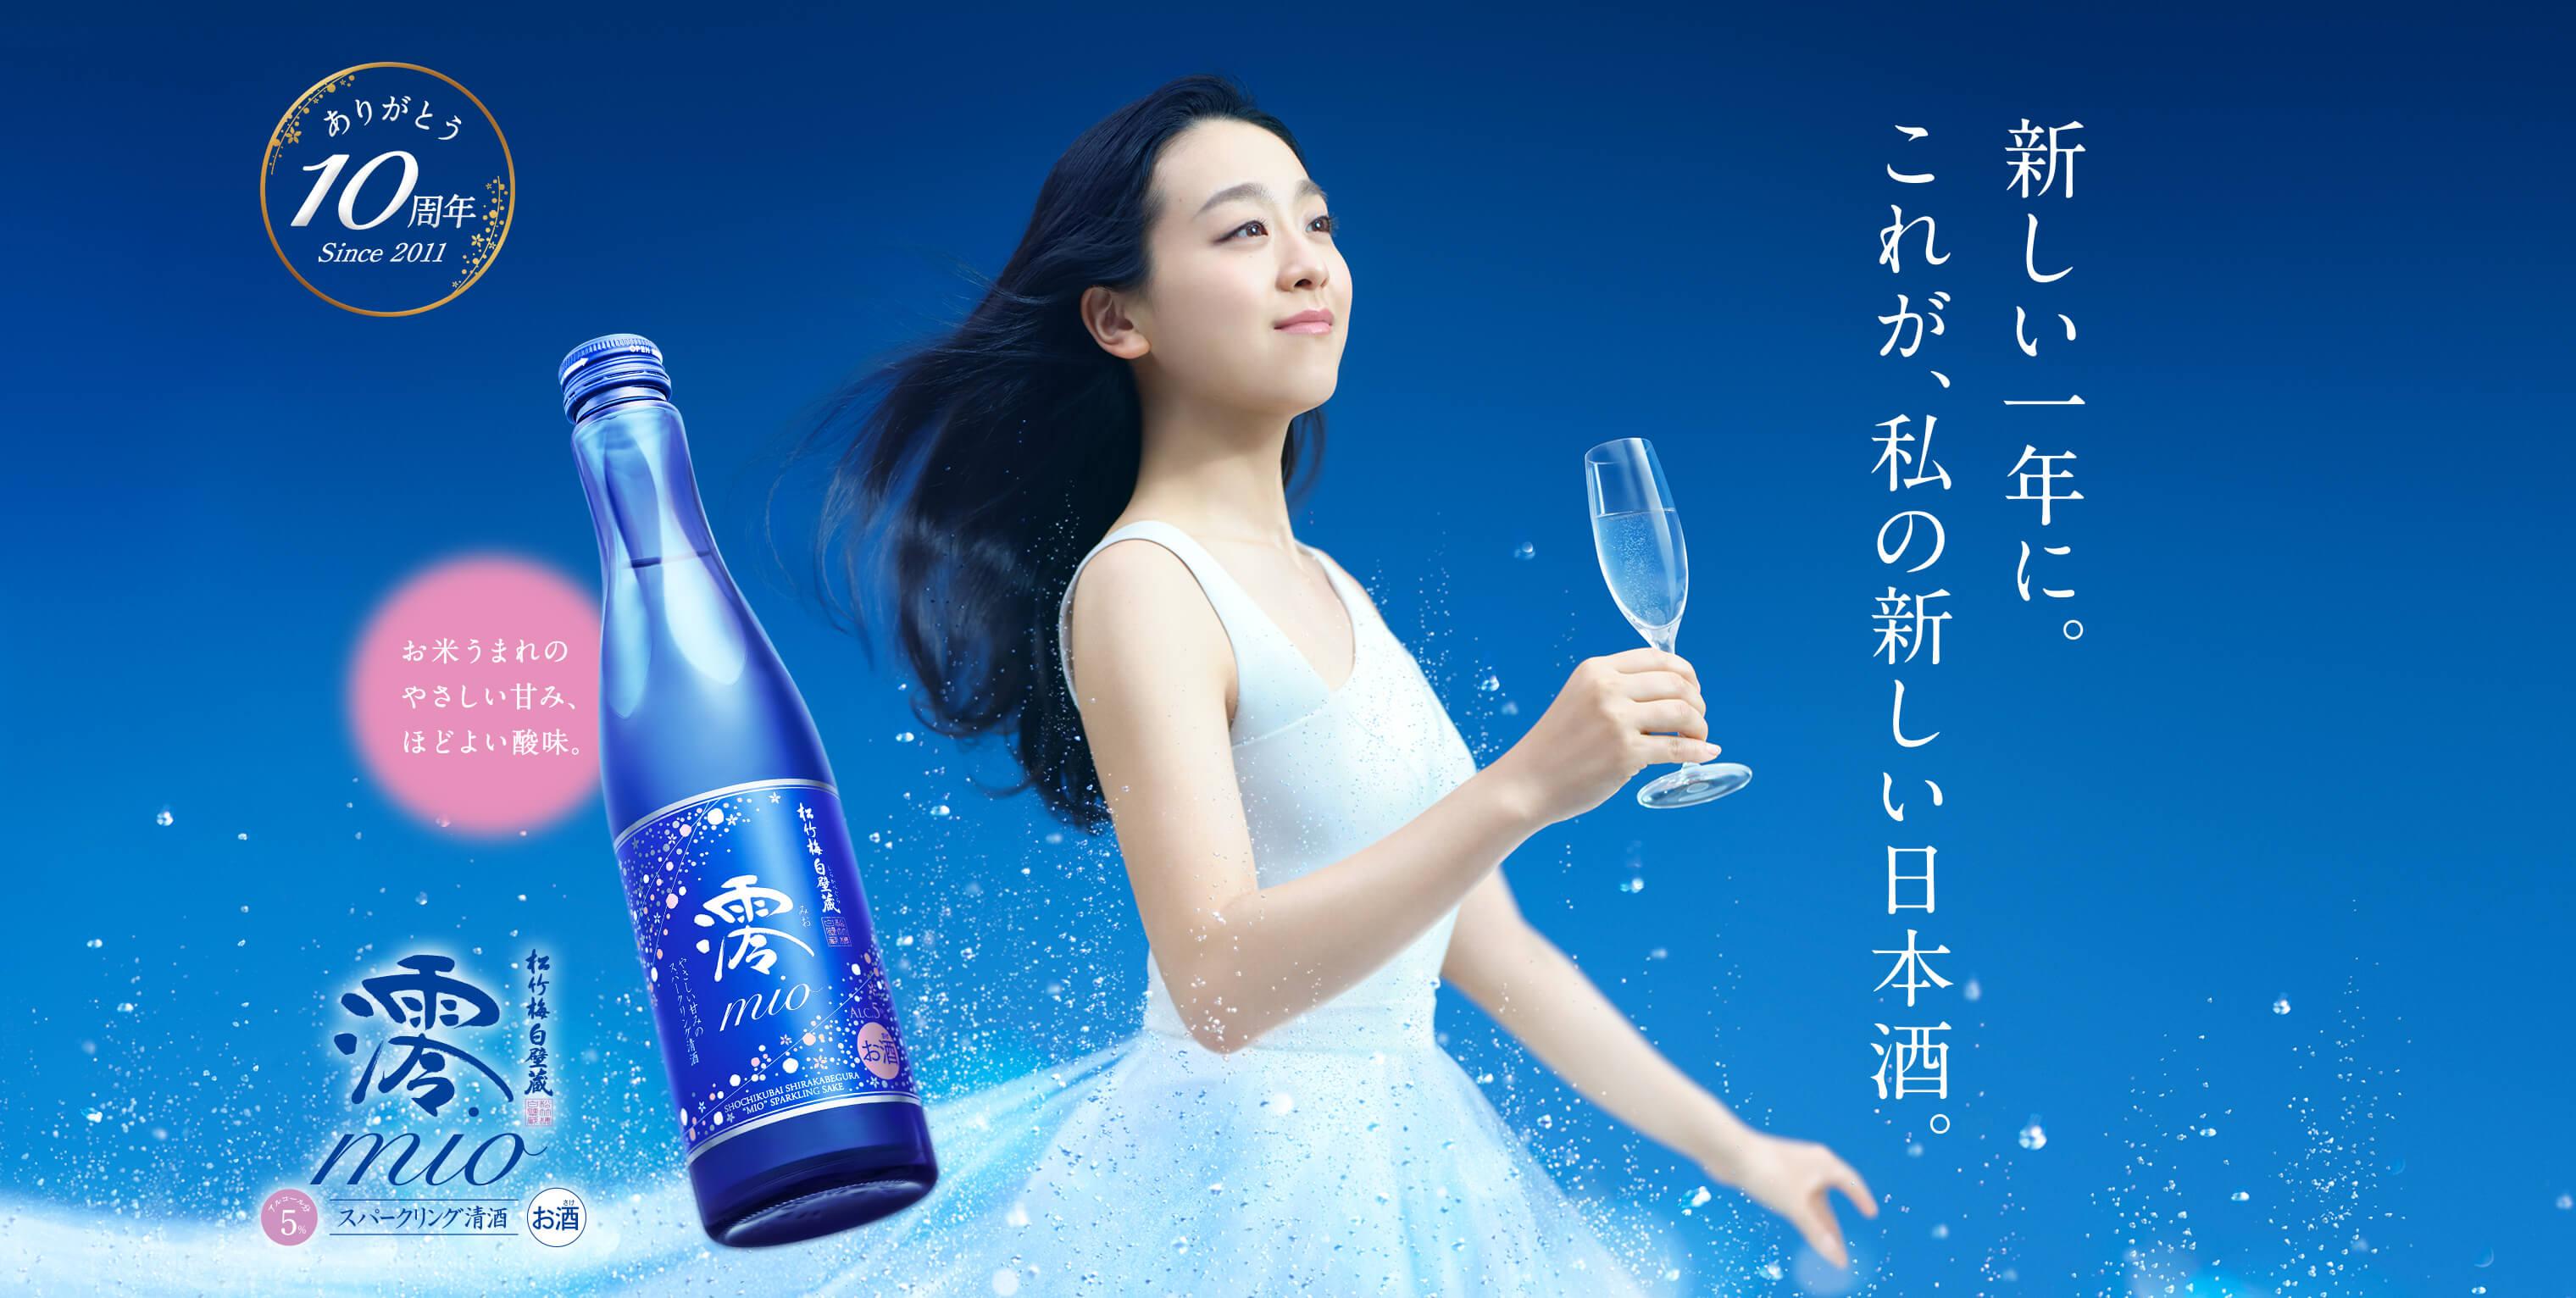 新しい一年に。これが私の新しい日本酒。 お米生まれのやさしい甘み、ほどよい酸味